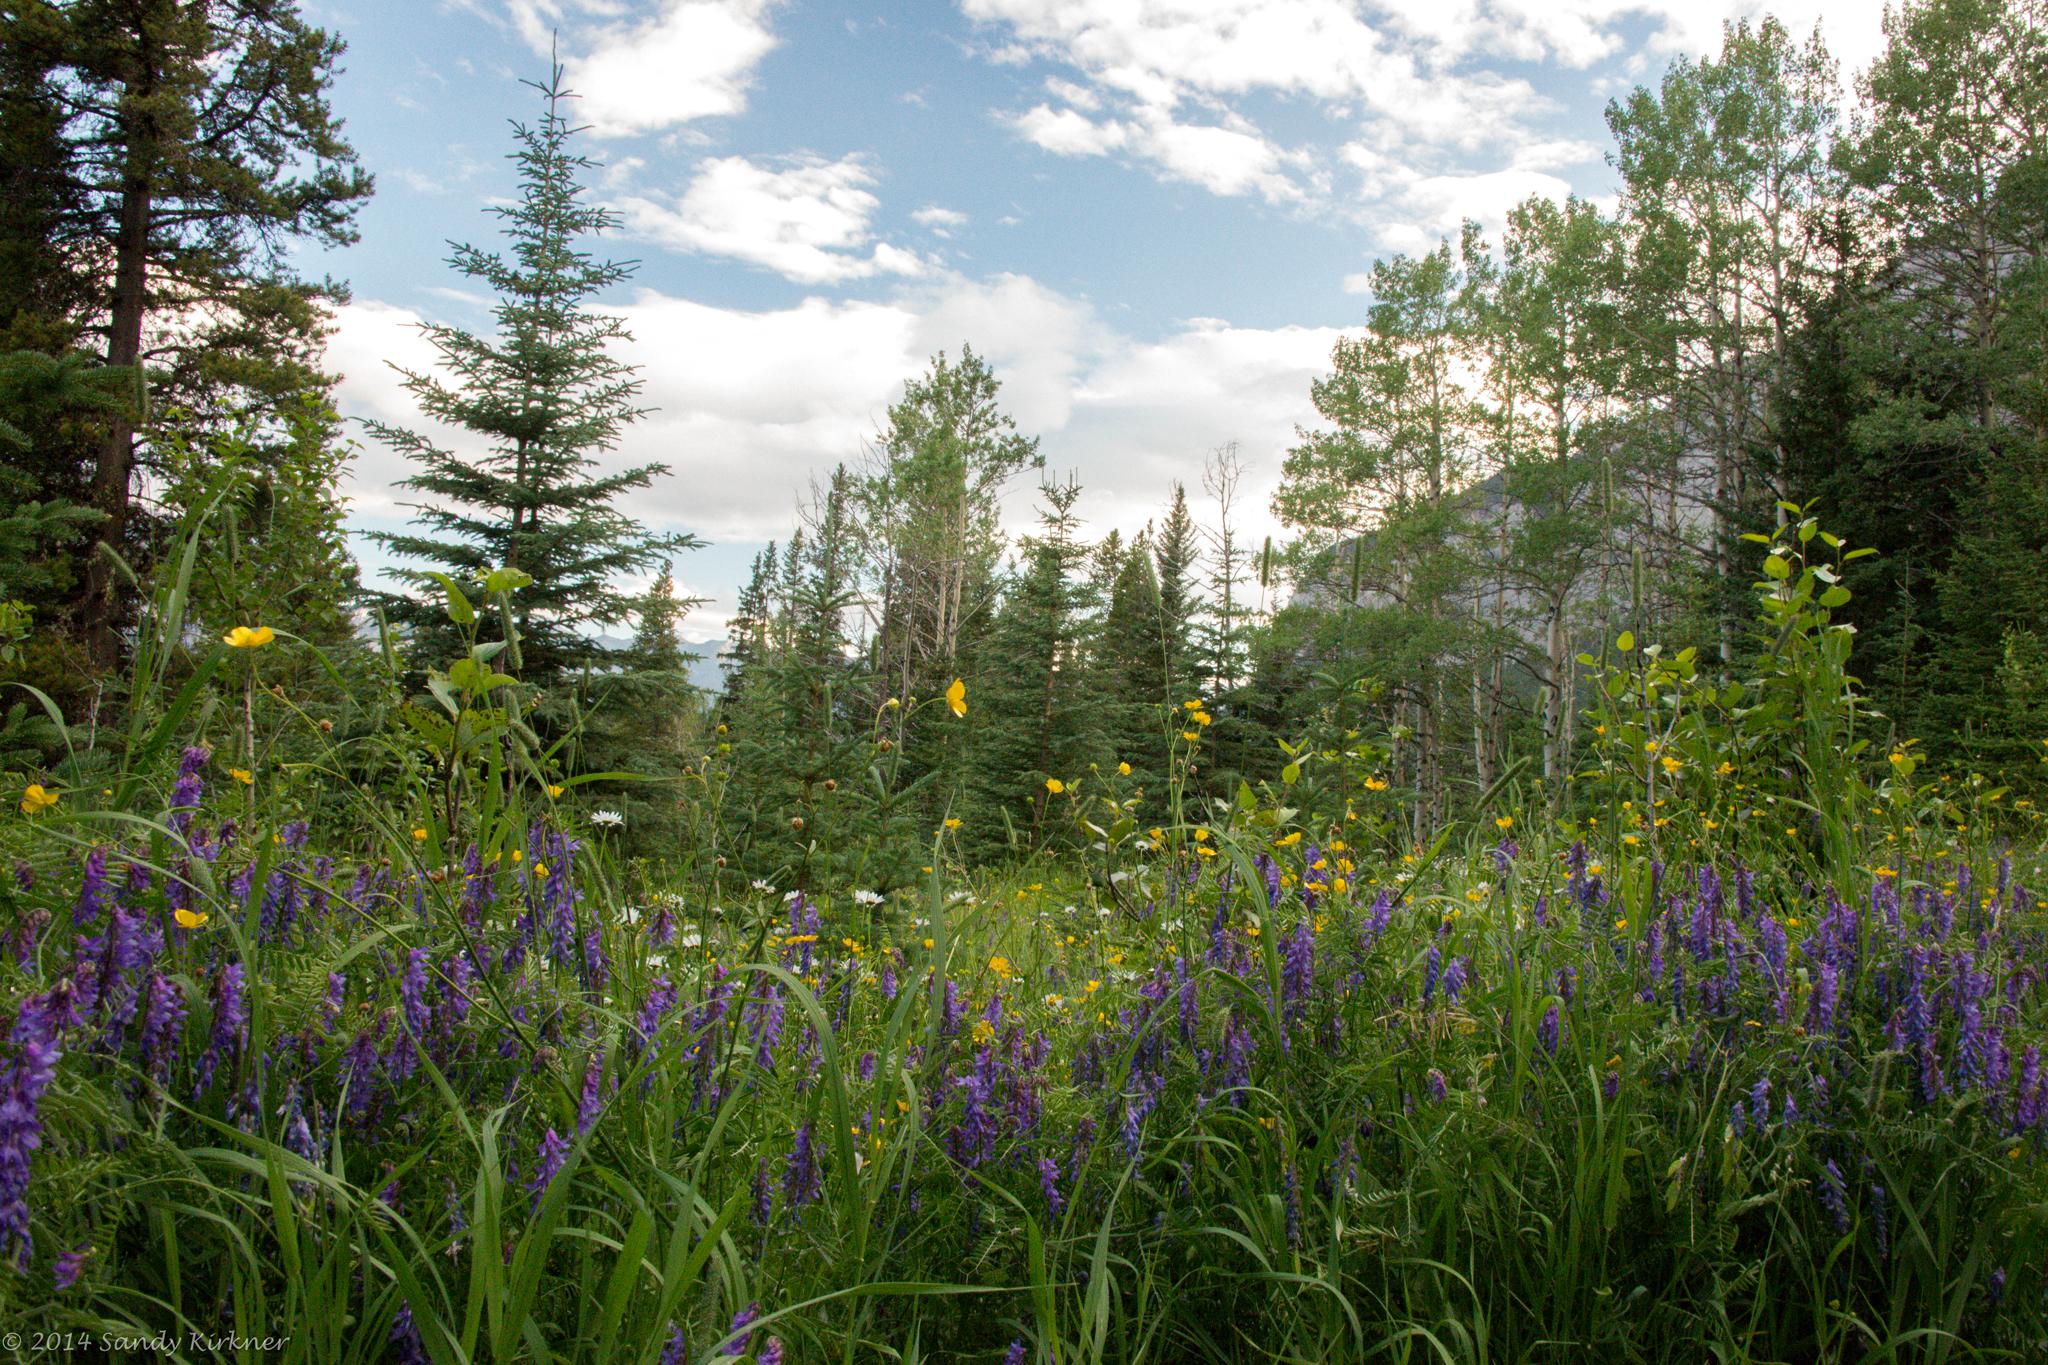 излагает лес с лугами картинки извлечение